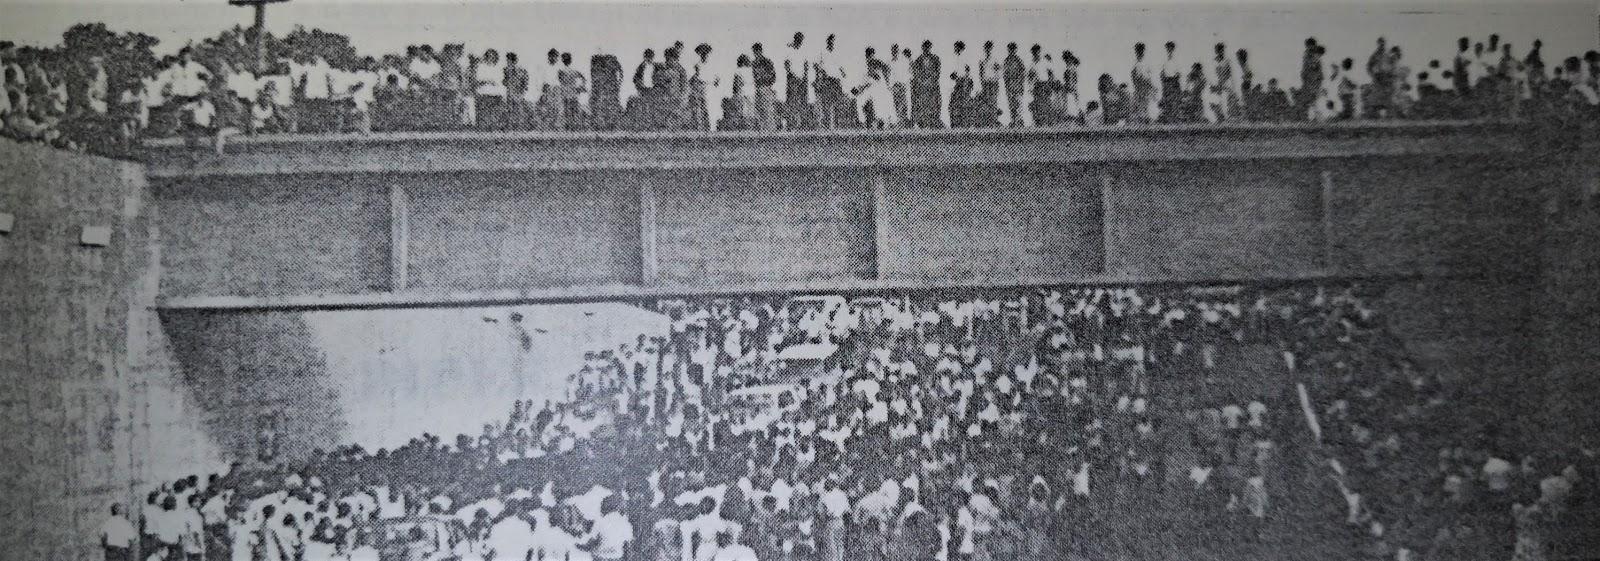 Inauguração do Viaduto do Café - 1966